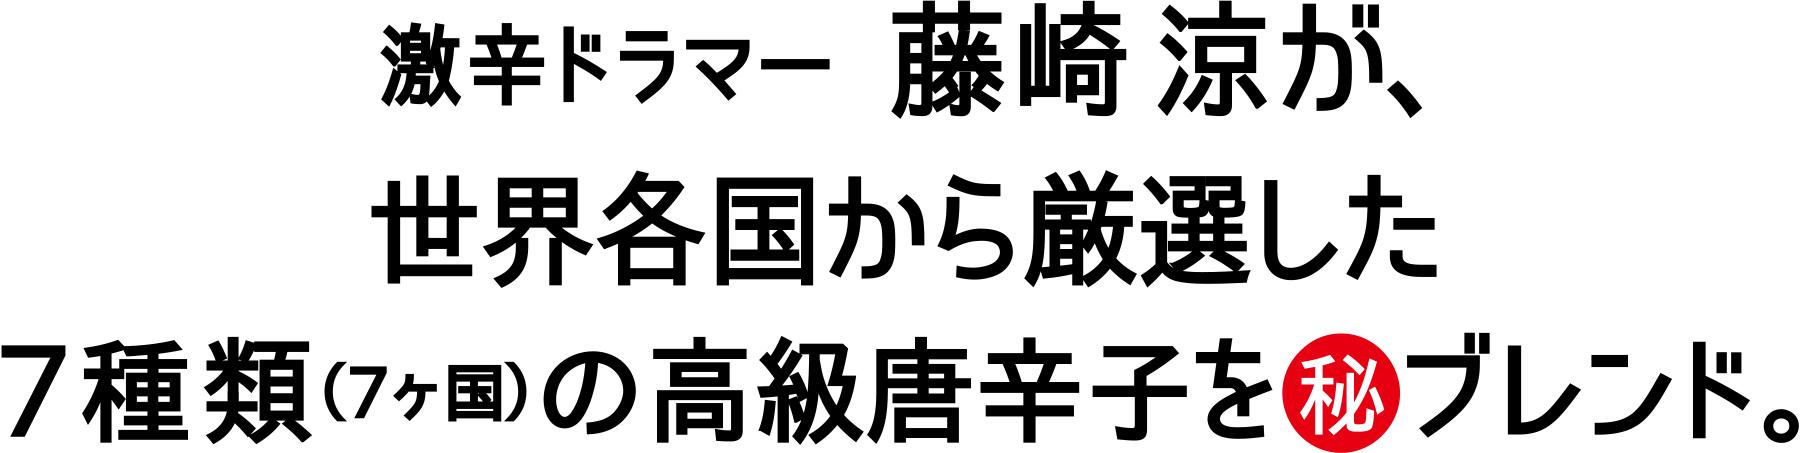 激辛ドラマー藤崎涼が、世界各国から厳選した7種類(7ヶ国)の高級唐辛子を㊙ブレンド。